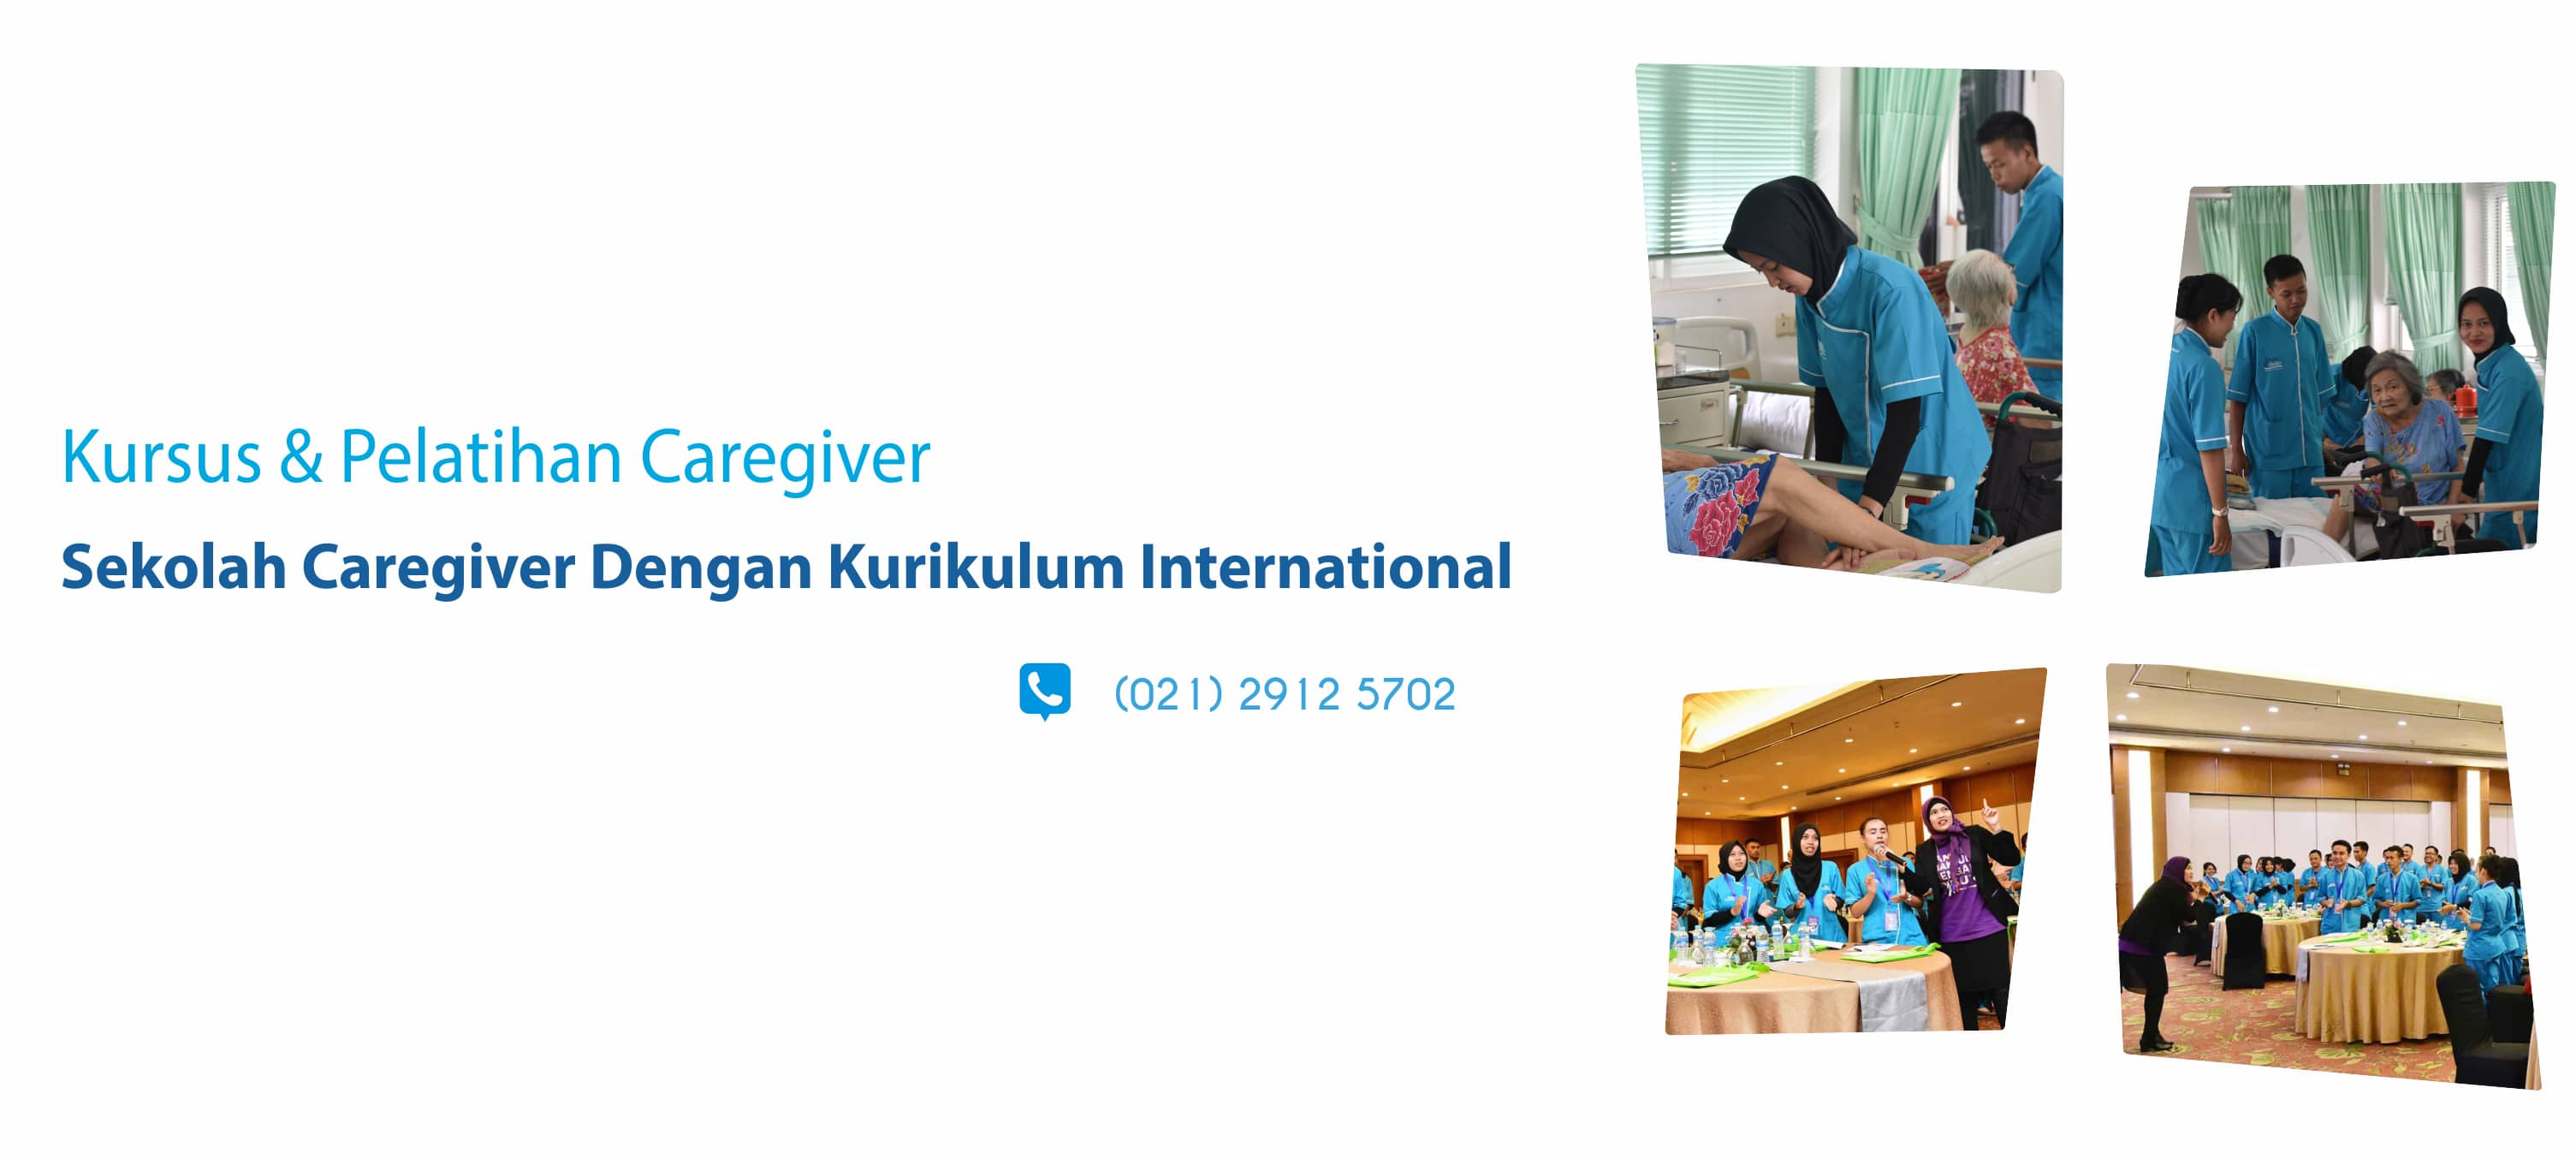 Kami memiliki Layanan pelatihan untuk menjadi caregiver handal